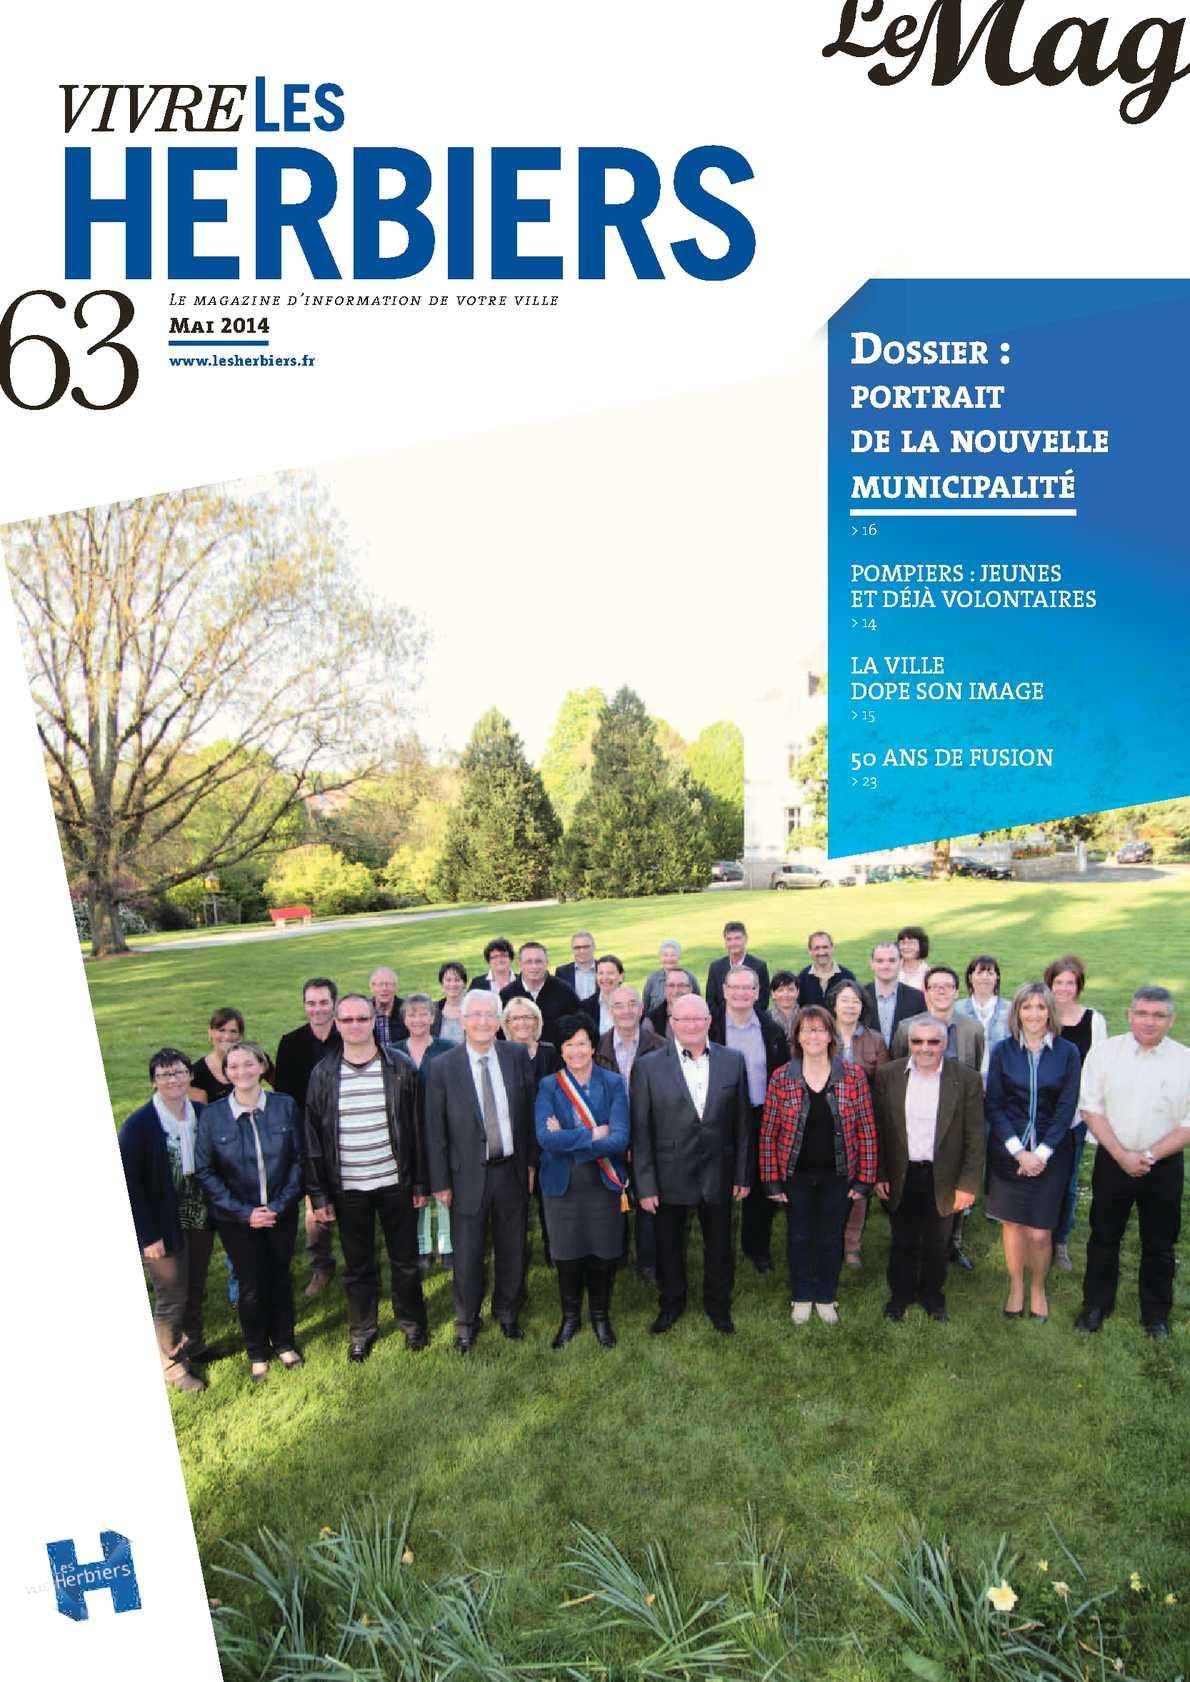 La Valise Rouge Les Herbiers calaméo - vivre les herbiers, le mag n°63 (mai 2014)